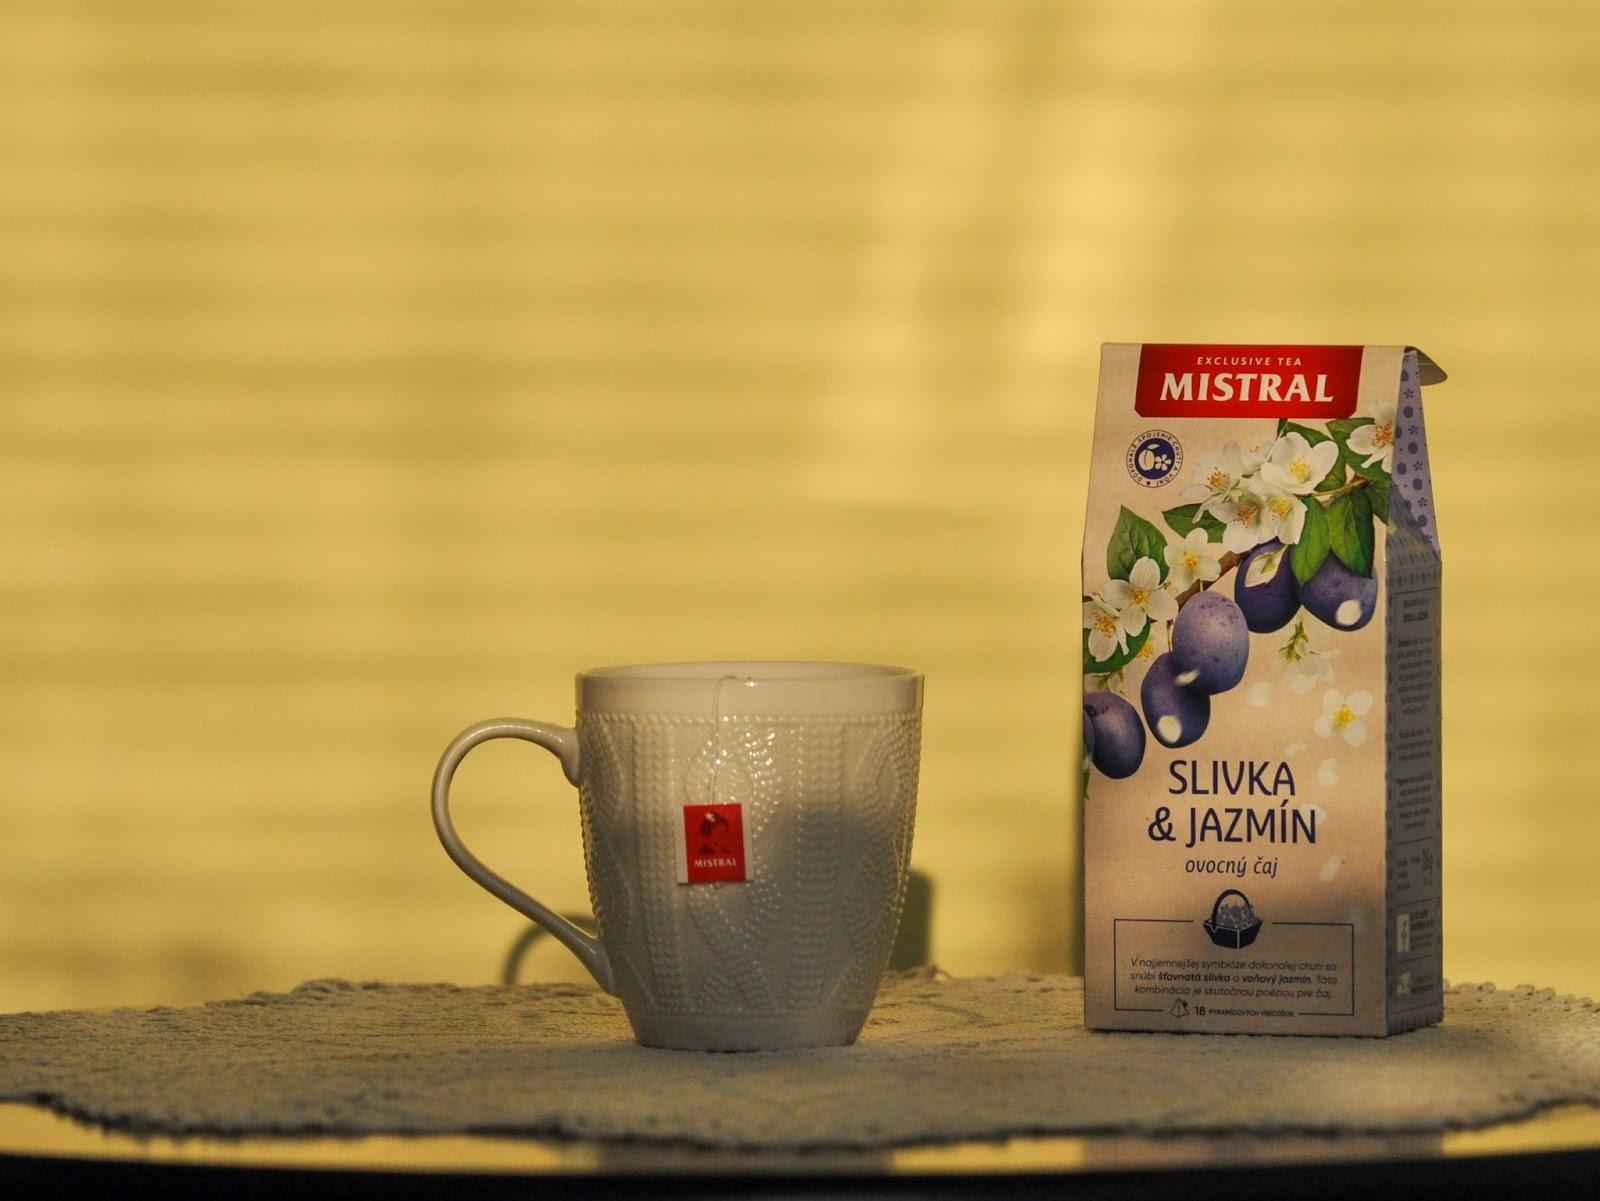 f3930b725 Nepoviem asi nič nové, keď napíšem, že čaje značky Mistral sa na Slovensku  tešia dlhodobej obľube. Spomínam si na ten mätový v tmavozelenom lesklom  obale, ...